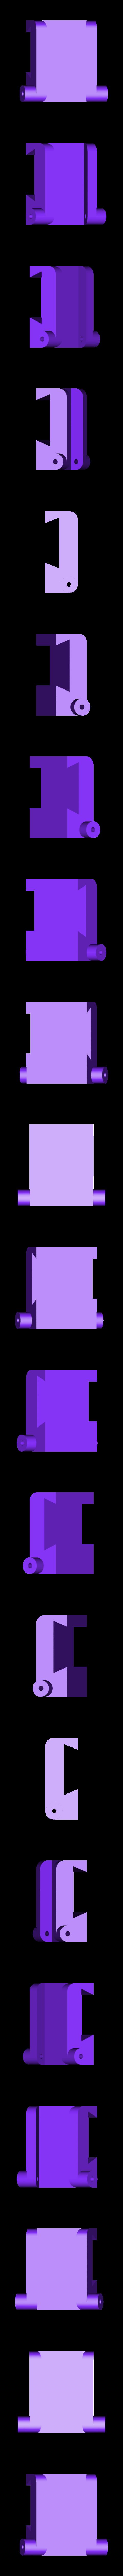 07_mini_gissiere.stl Download free STL file Photo copier slides negative super 8 • Template to 3D print, titi01